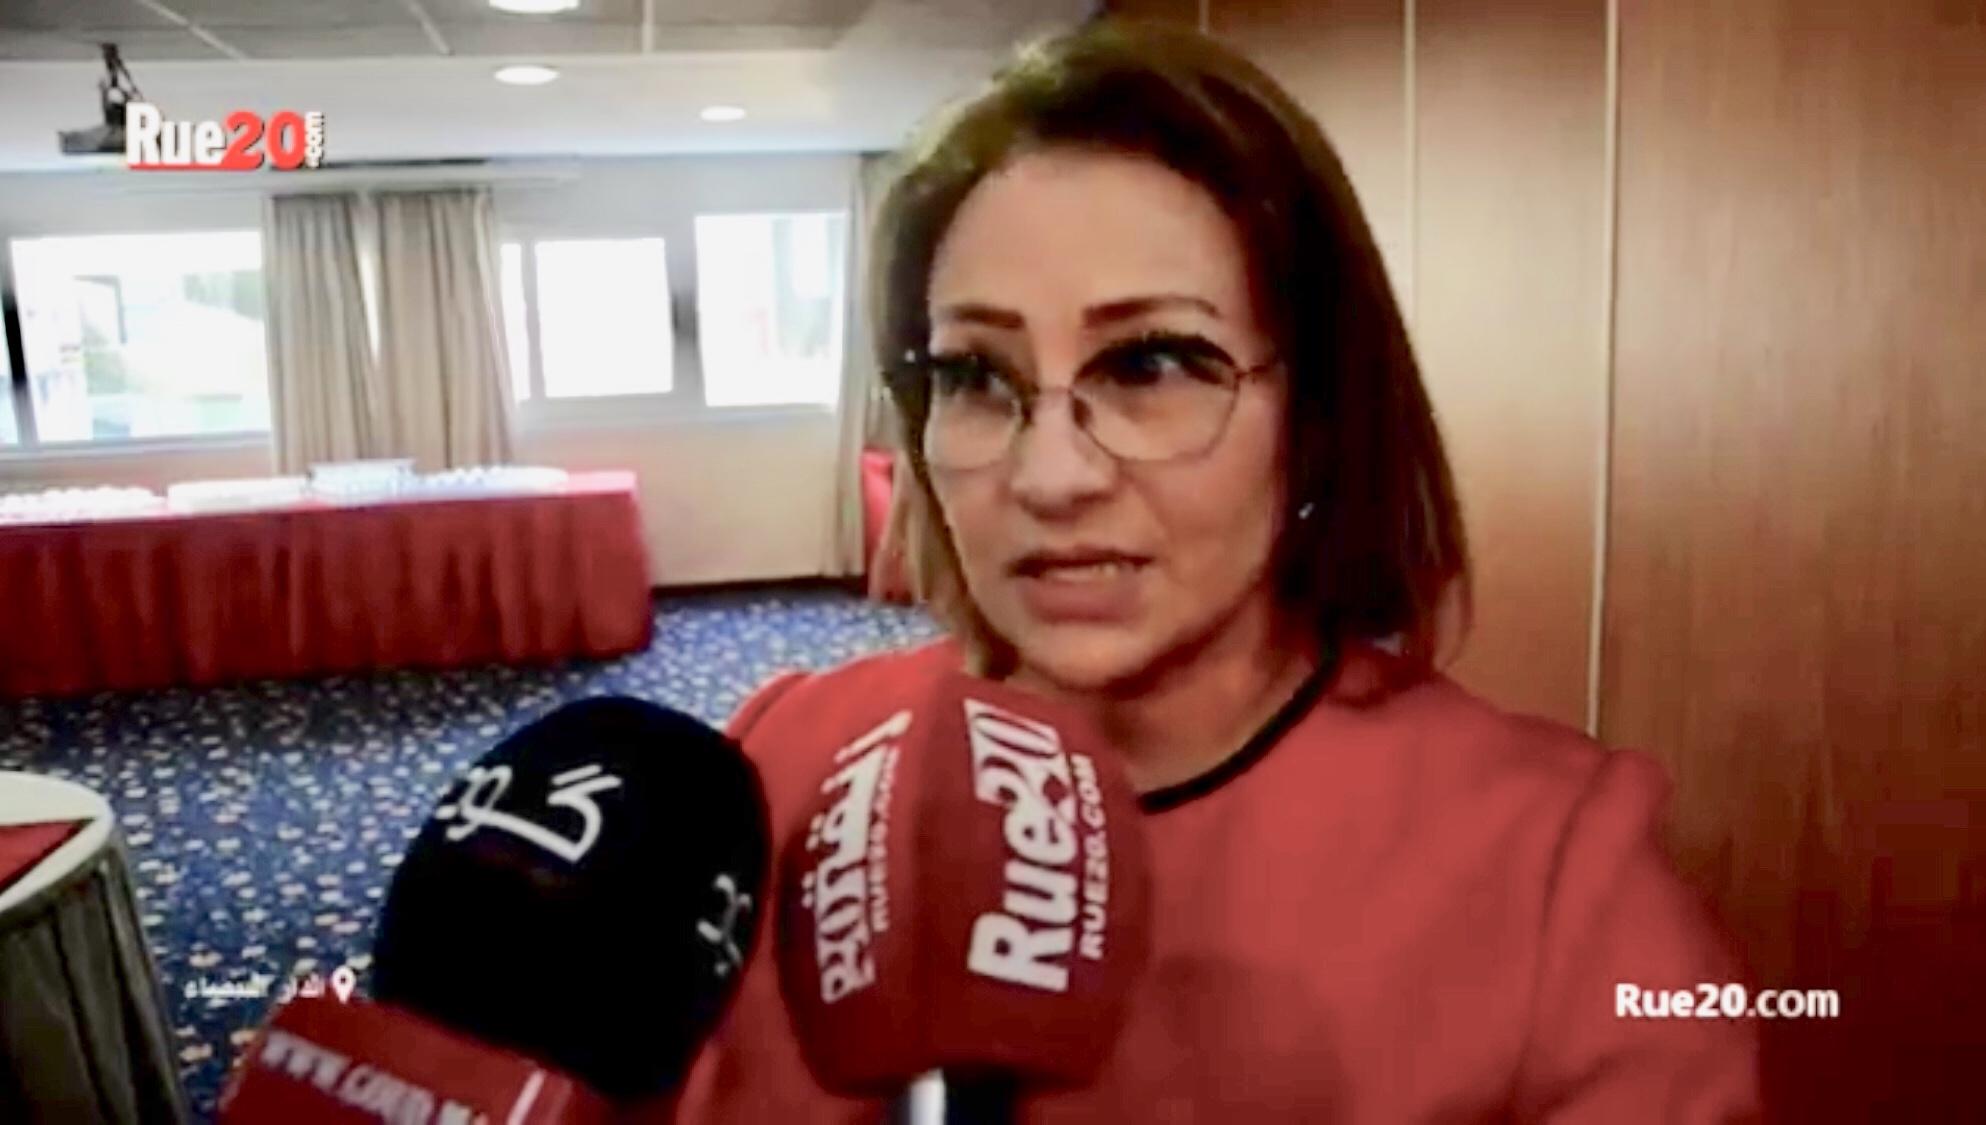 فيديو/رئيسة جمعية القضاة: لن نسمح لأحد مهما كان موقعه بإهانة القضاء والتشكيك في نزاهته